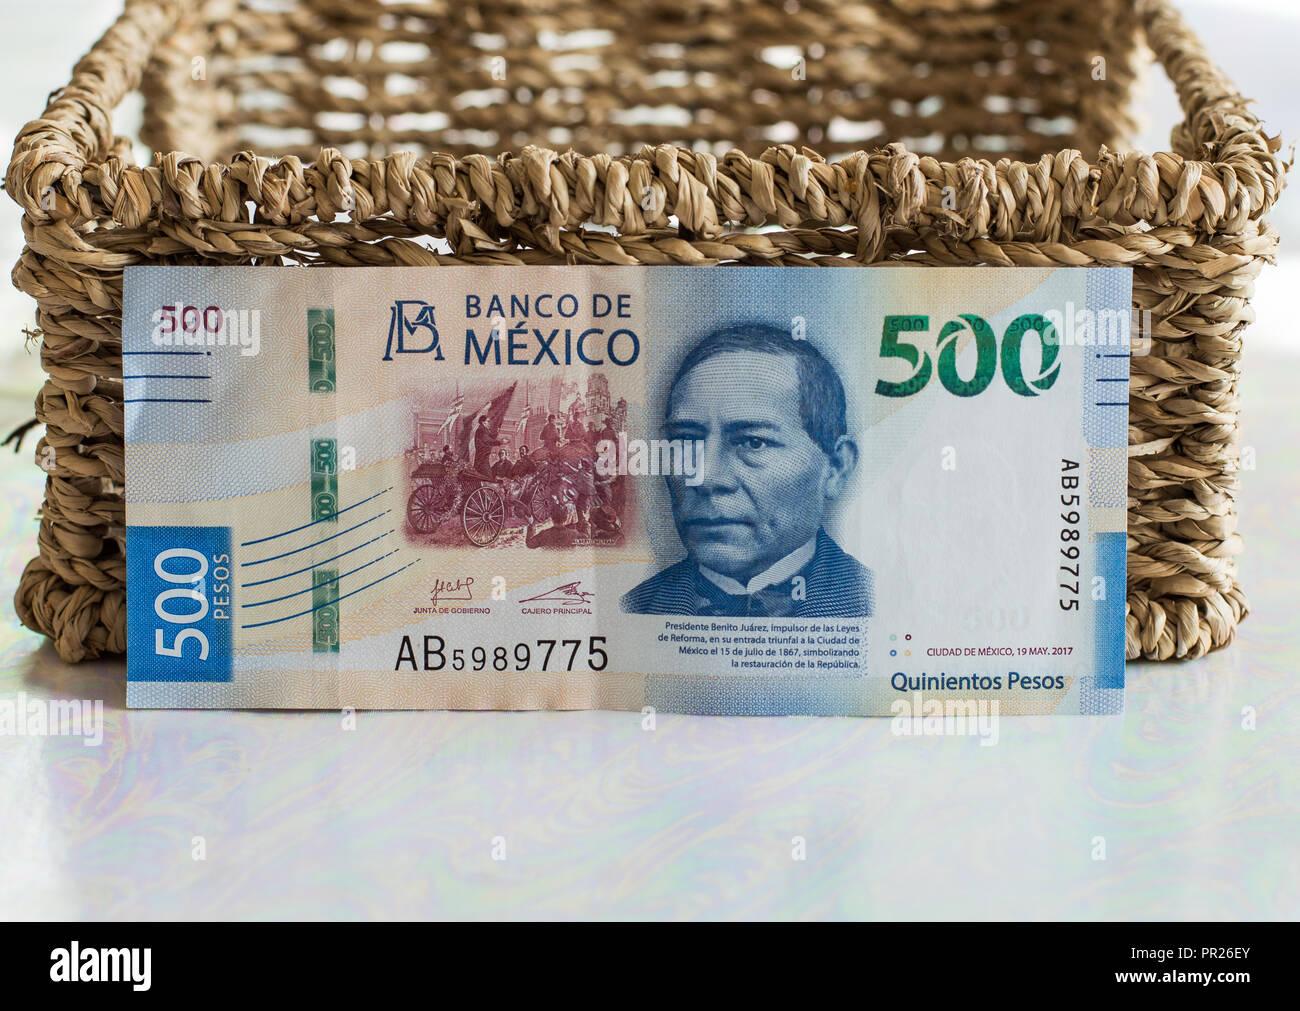 Pesos Stock Photos & Pesos Stock Images - Alamy